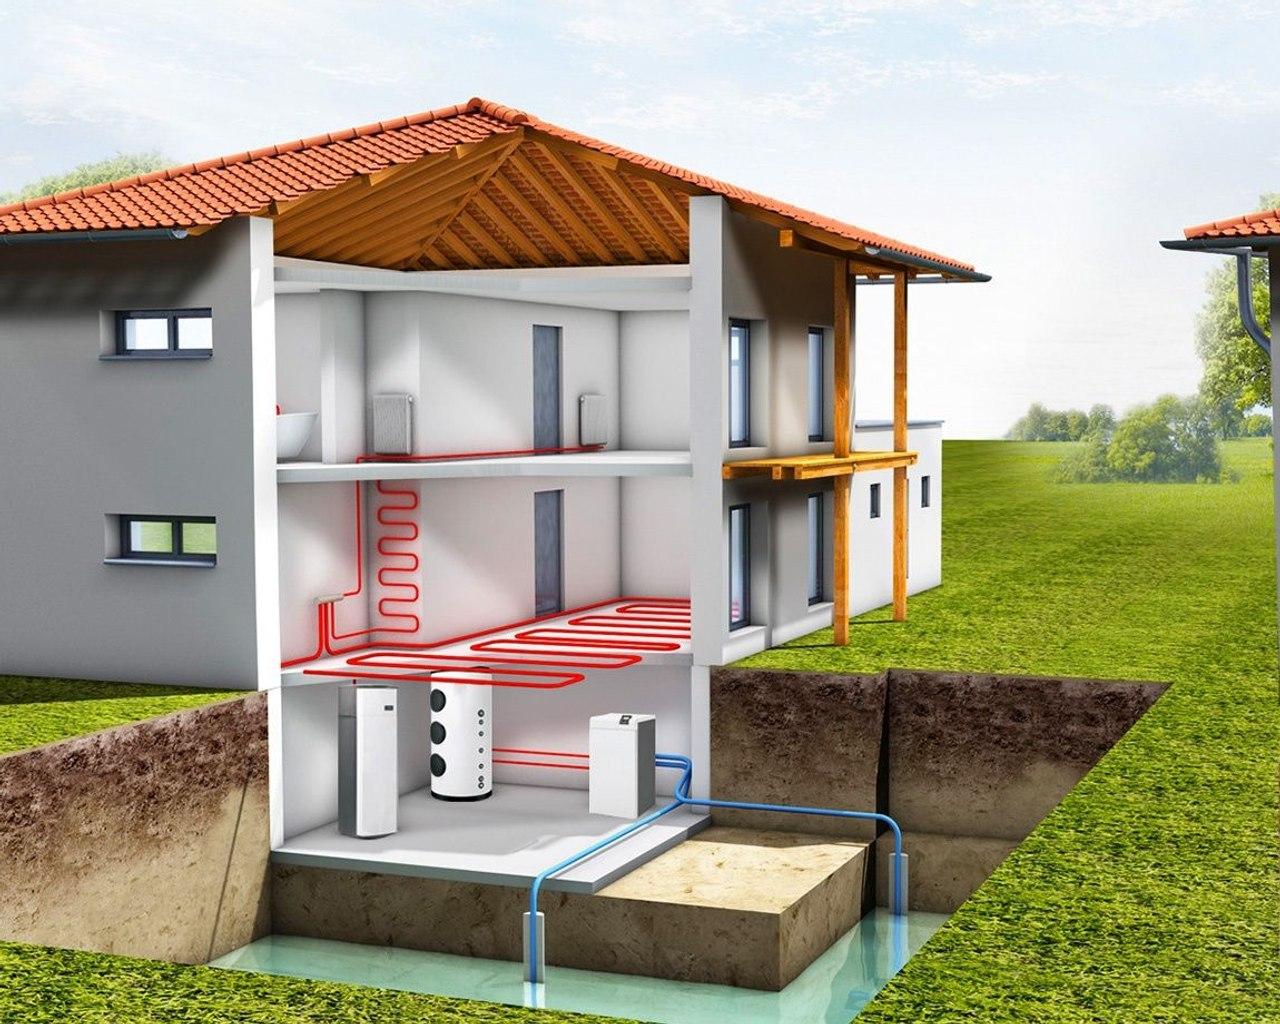 Как не зависеть от газа - тепловые насосы для отопления и горячего водоснабжения дома